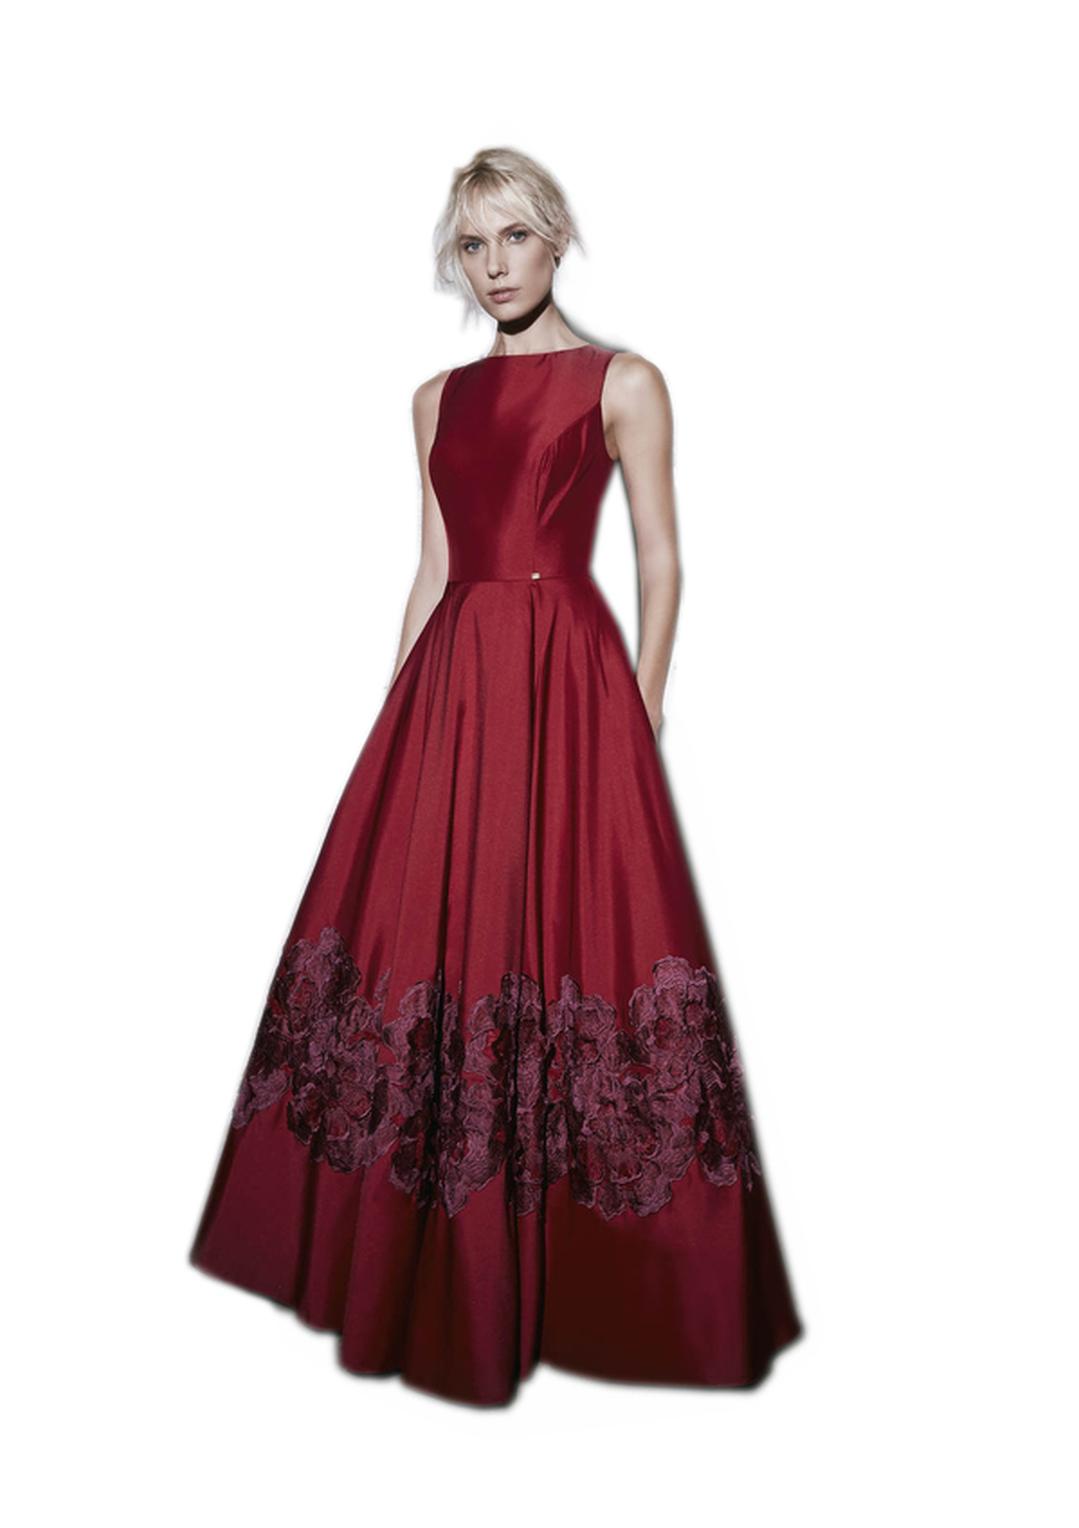 بالصور موديلات فساتين سهرة , موديلات حديثة الفساتين 3356 10